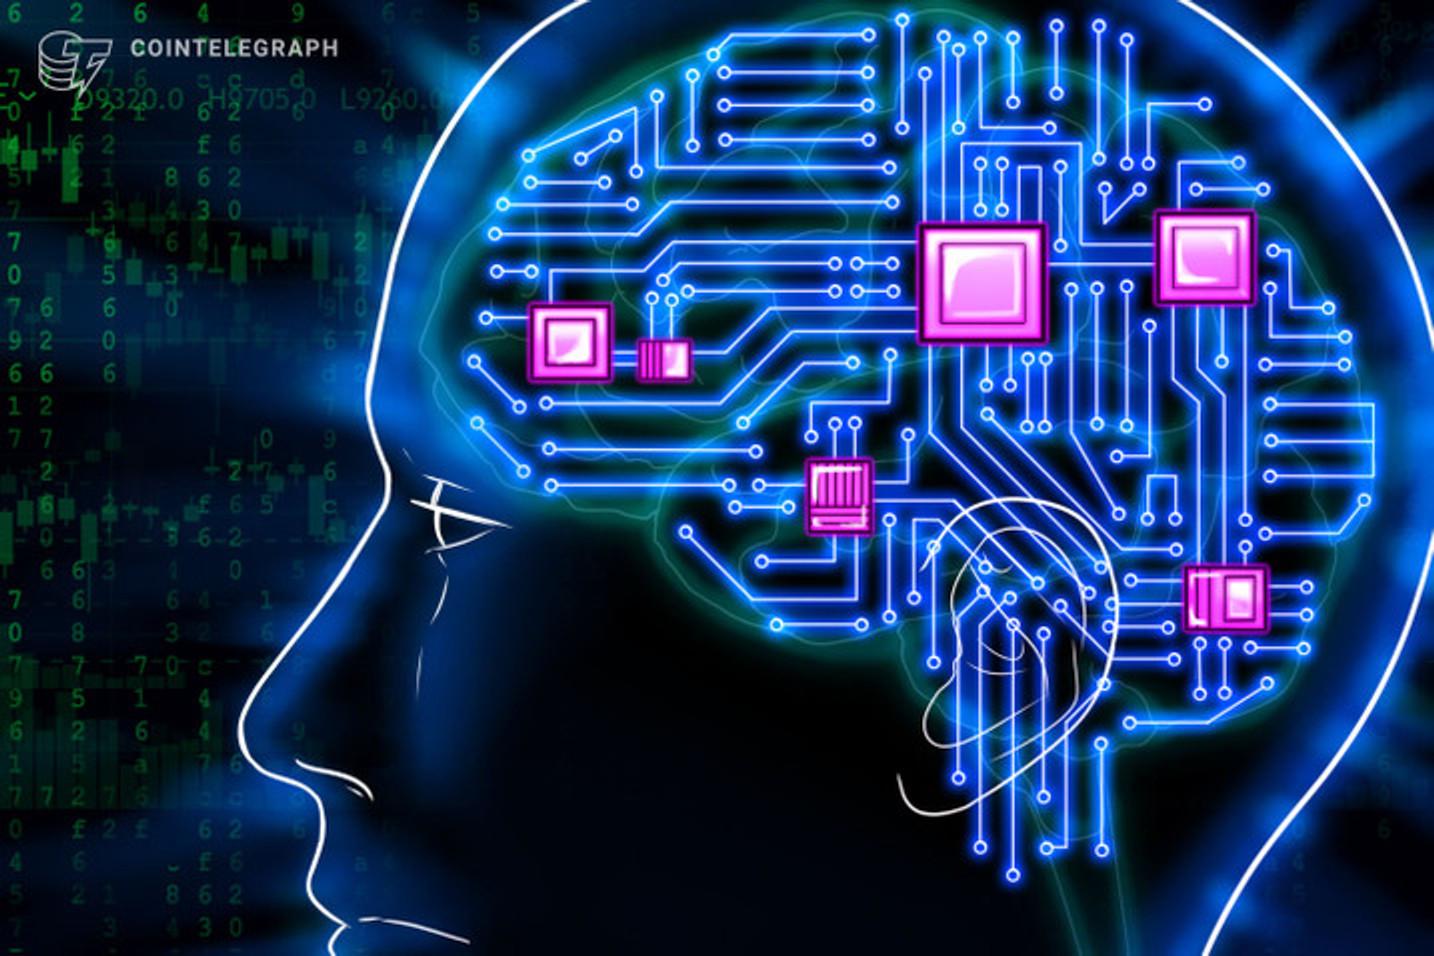 Como a Inteligência Artificial e redes neurais ganham força no mercado de criptoativos